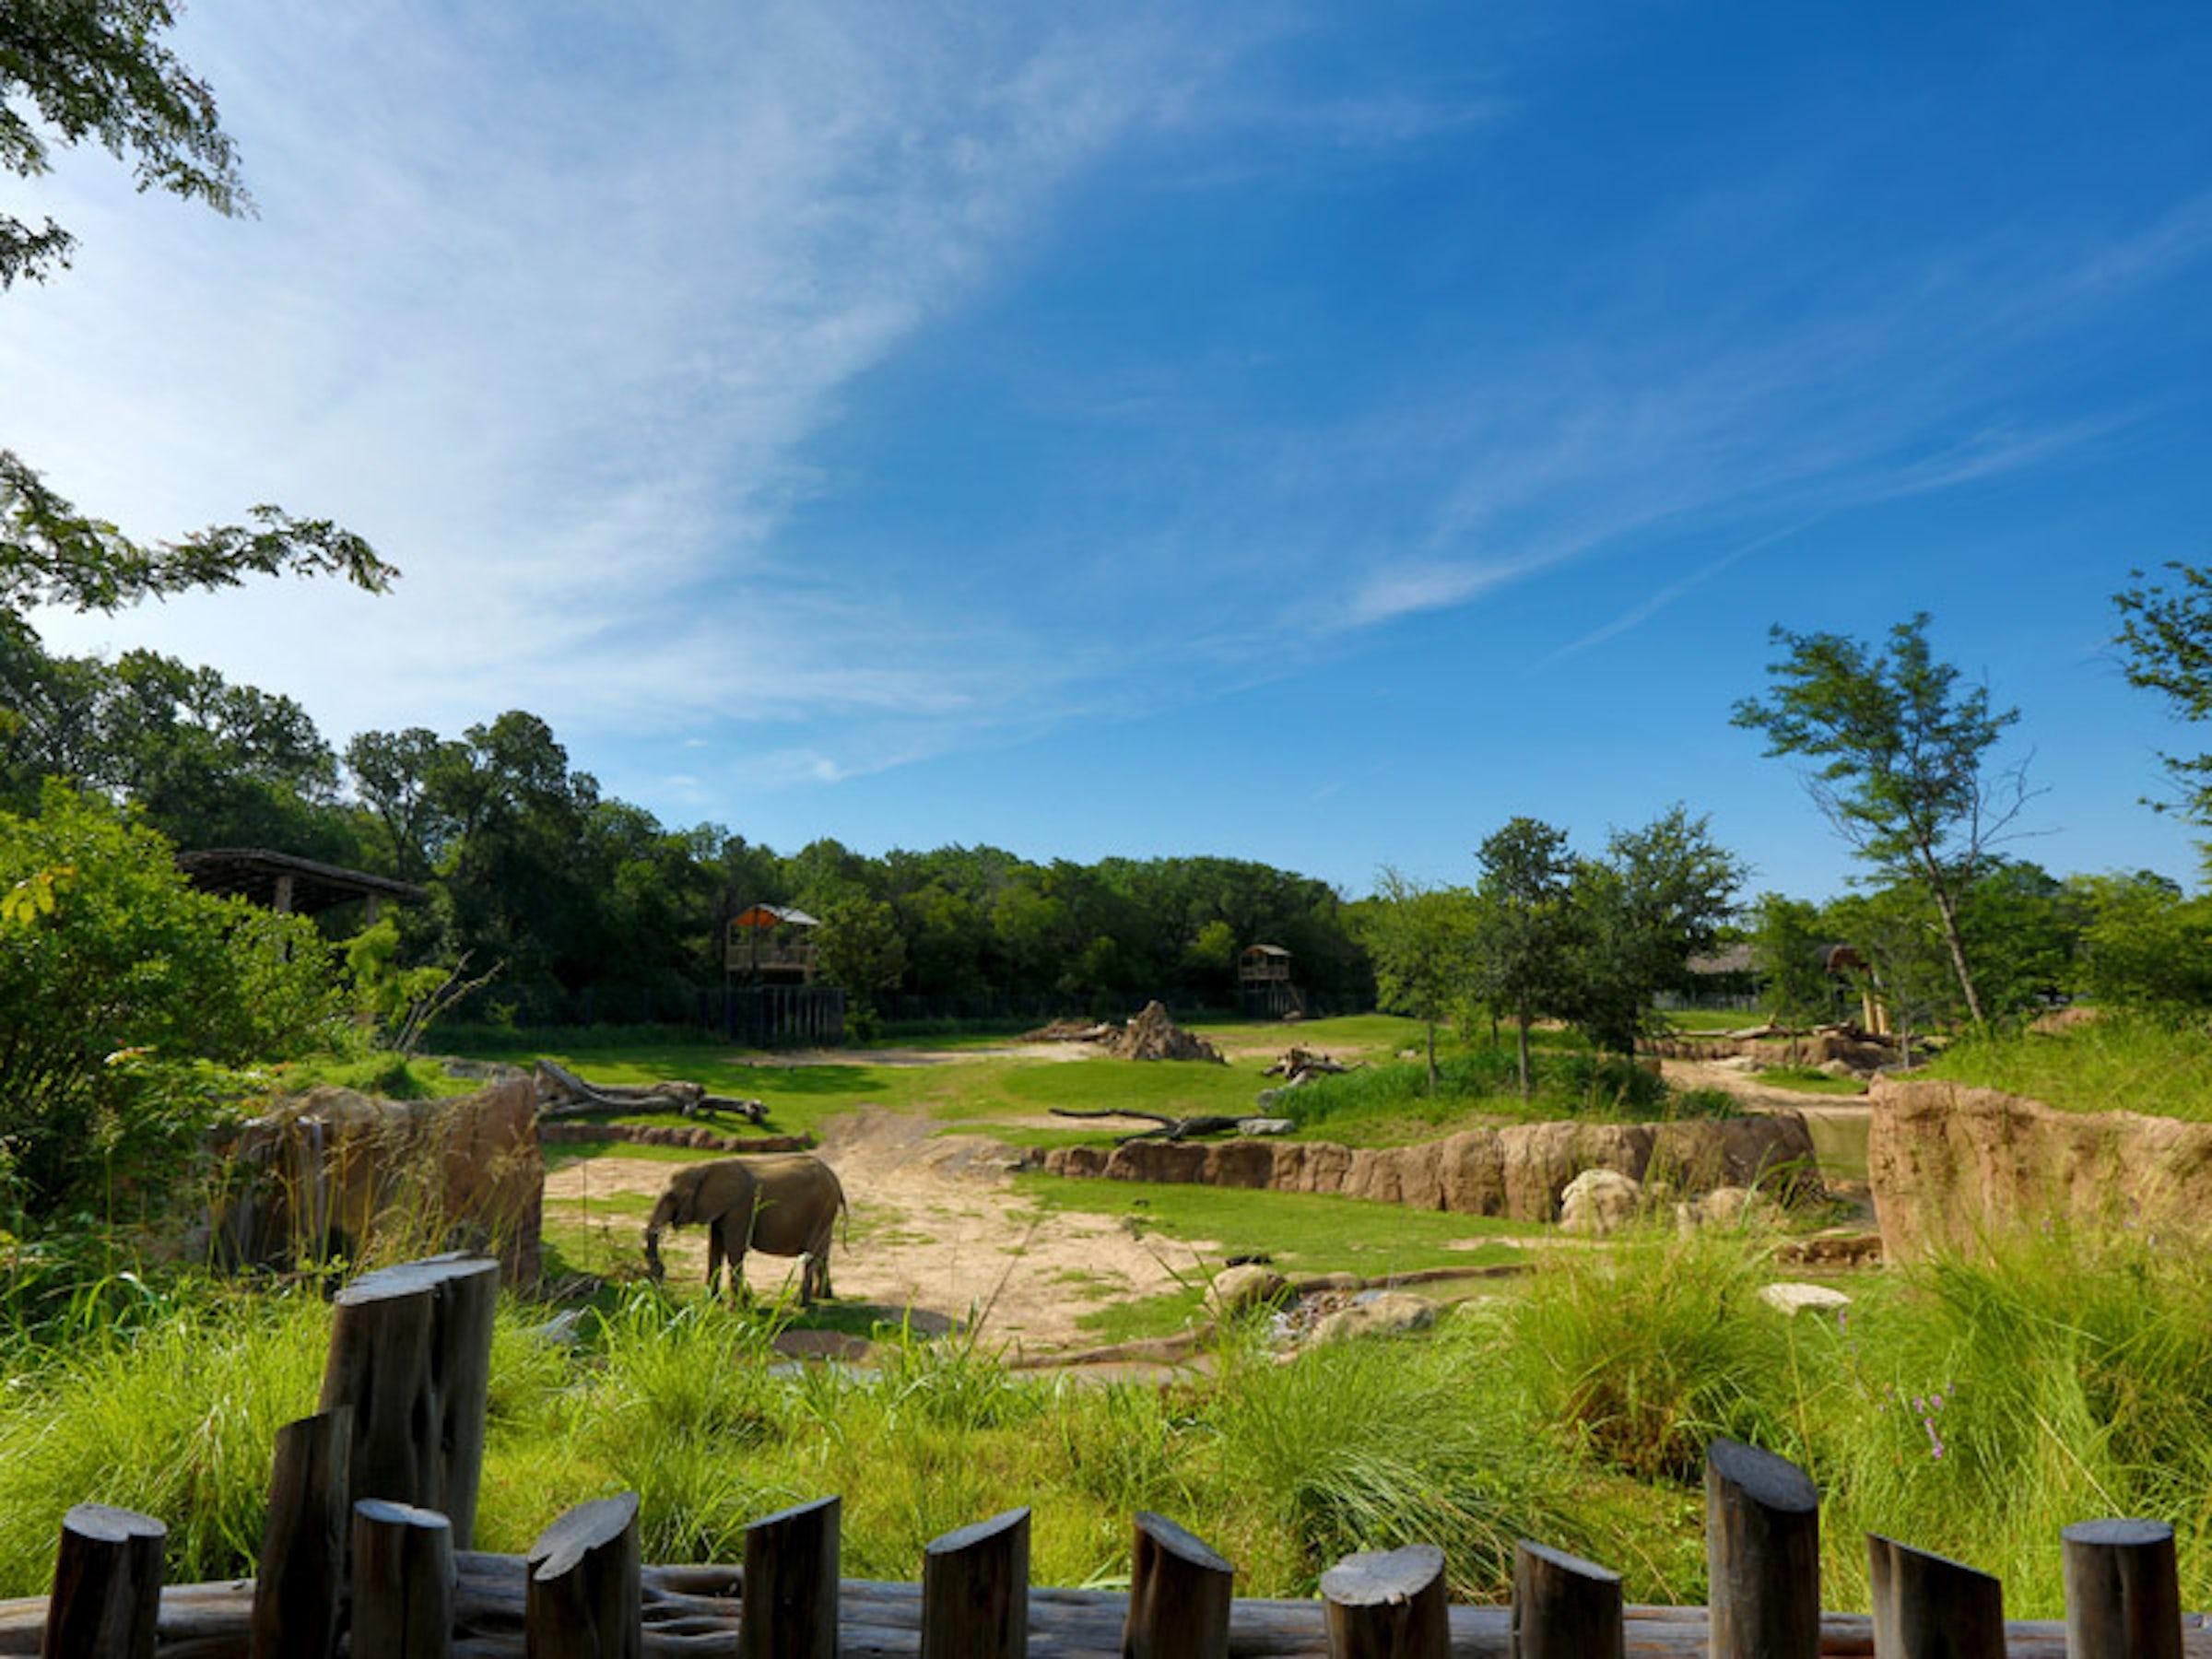 Dallas Zoo in Beyond Dallas